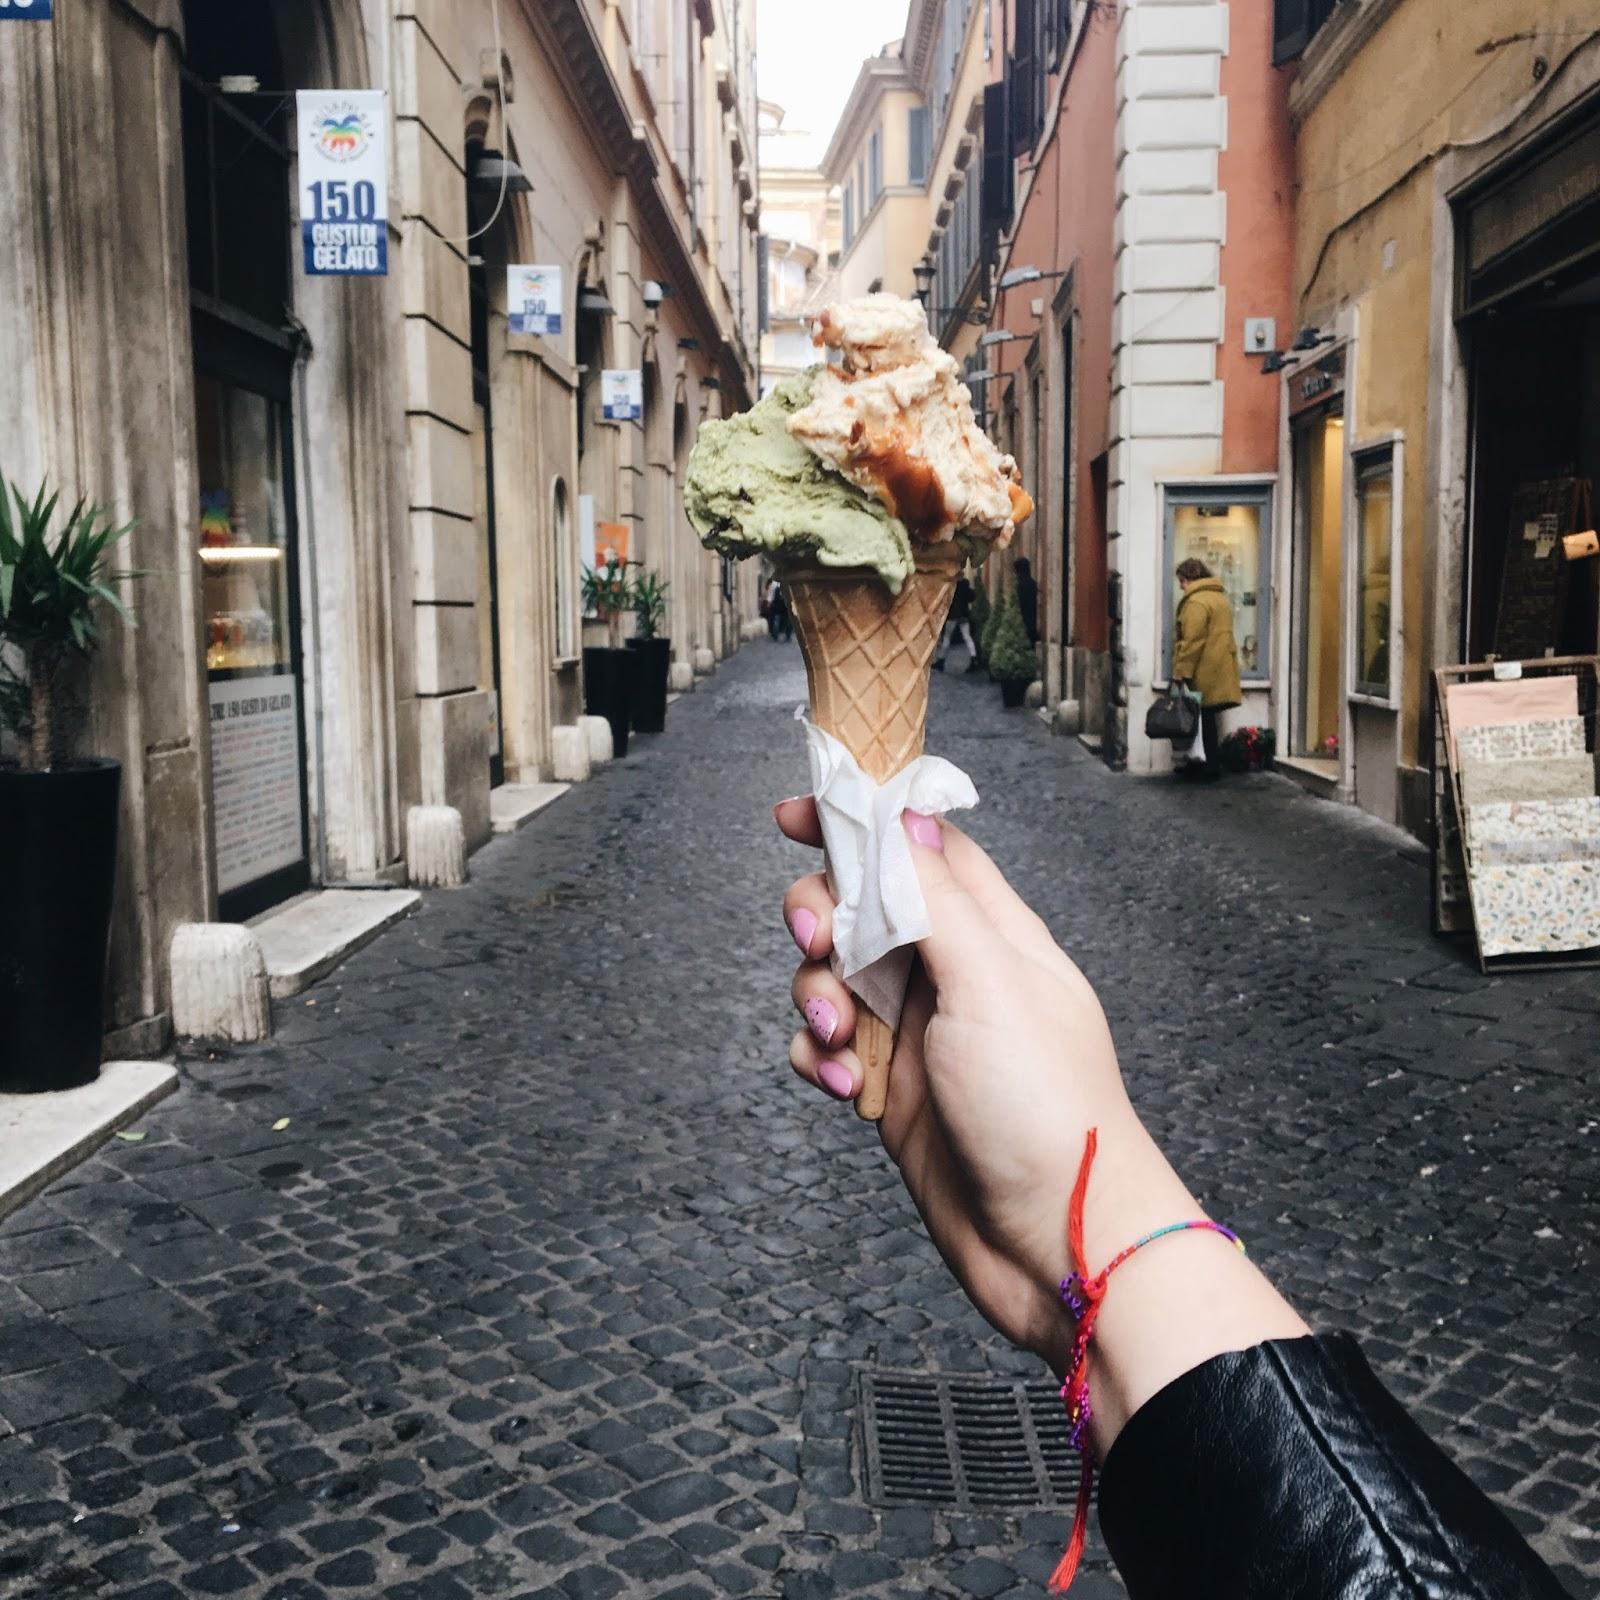 roma, rome, italija, kelionė į italiją, kelionė į romą, romos gidas, gelato, best gelato, pizza, italian pizza, itališka pica, giolotti, pizzeria da baffetto, vatican, vatikanas, trevi, trevi fontanas, koliziejus, colloseum, panteon, panteonas, roman, romėnų, gelato, geriausi gelato, kelionės įspūdžiai, kelionės, kelionė, juoda plunksna, juoda plunksna blog, lithuanian blogger, lithuanian beauty bloggers, lithuanian bloggers, best lithuanian bloggers, best bloggers, baltic bloggers, best baltic bloggers, baltic beauty bloggers, lifestyle blogger, lietuvos blogerės, lietuvos tinklaraštininkės, lietuvos grožio tinklaraštininkės, grožio tinklaraštis, grožio blogas, geriausios lietuvos blogerės, absentta, gabrielegz, vinilina, aurelija,